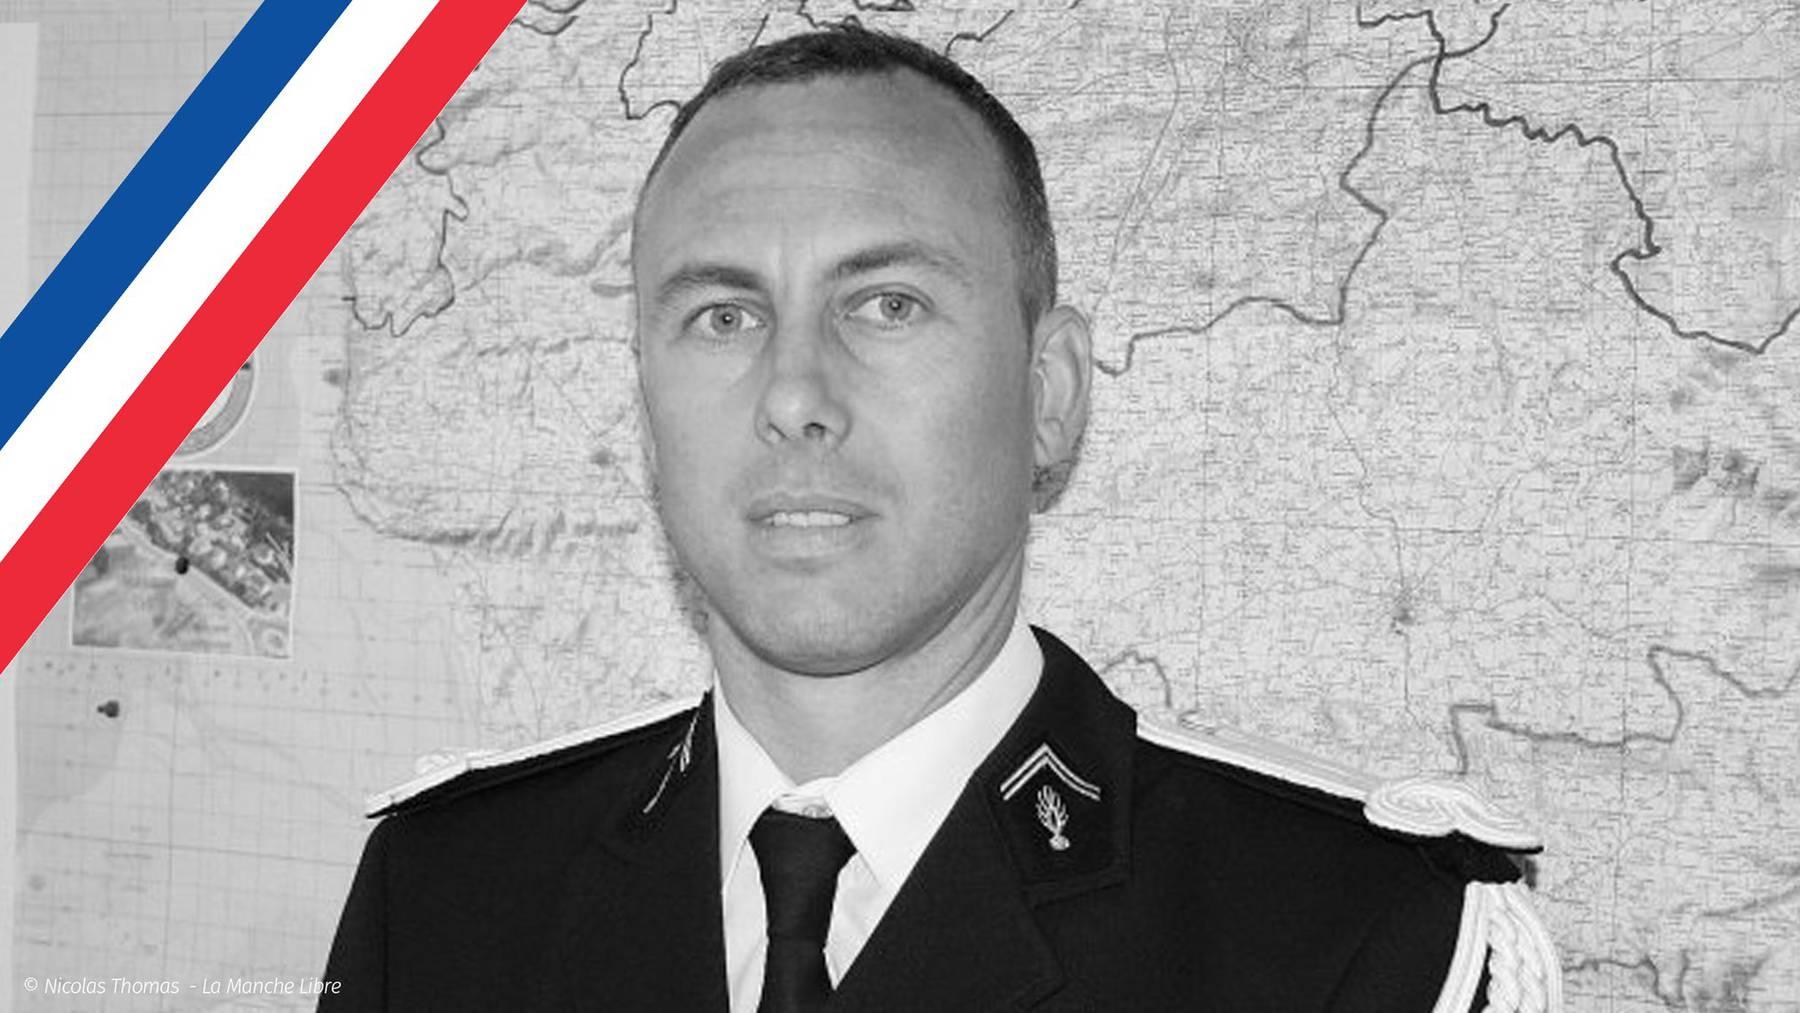 Frankreich: Als Held gefeierter Polizist ist tot